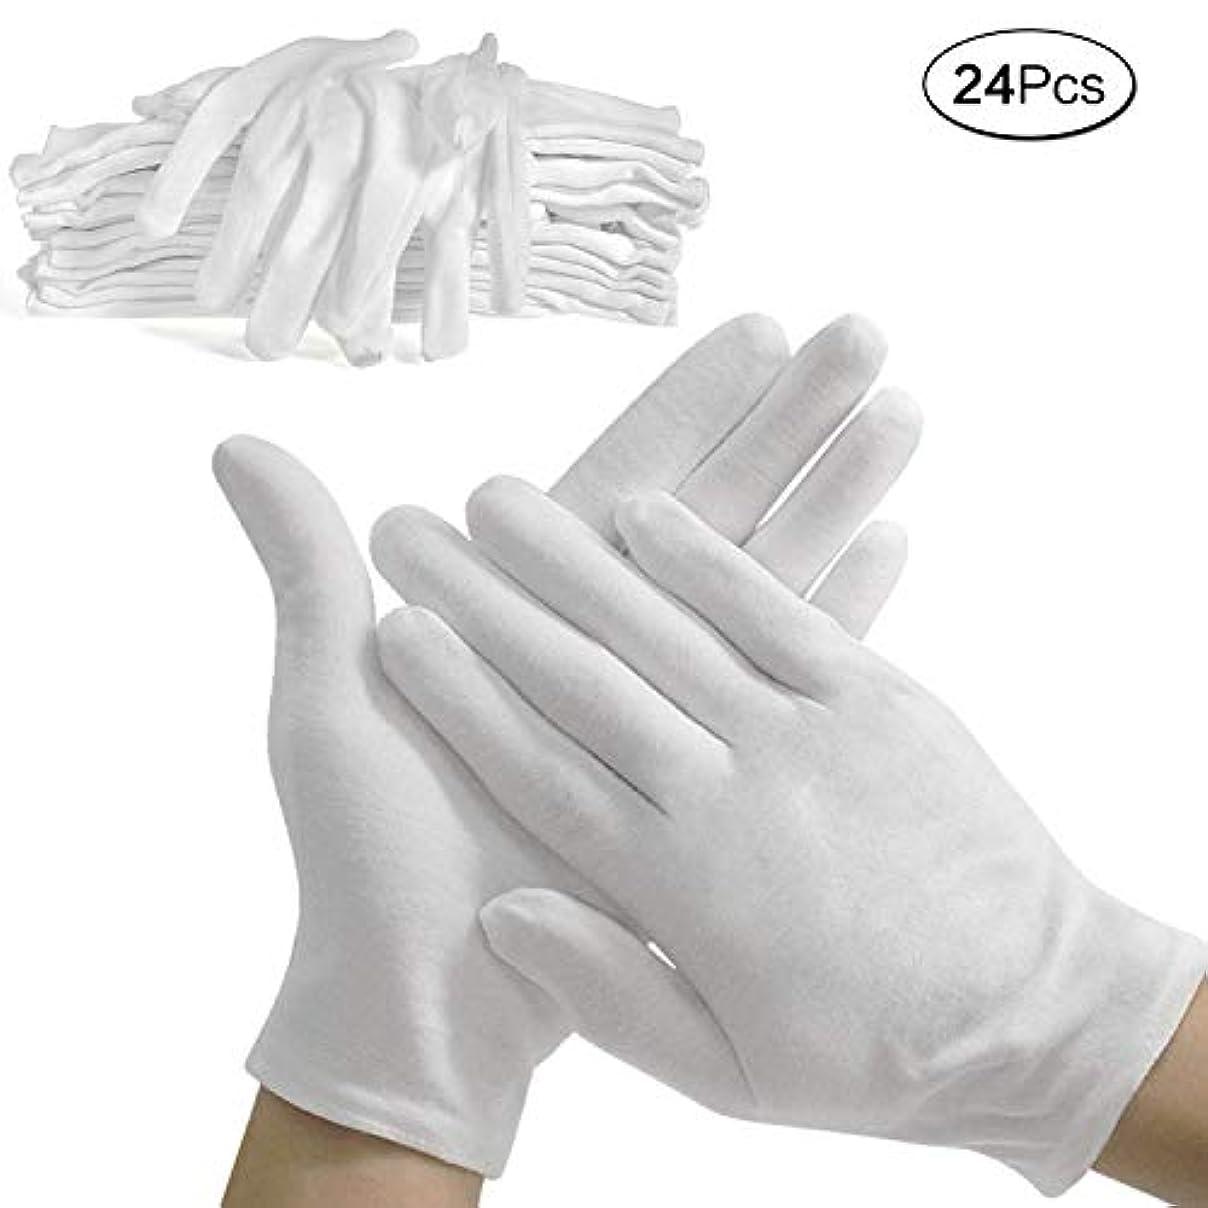 ところで価格性交使い捨て手袋 綿手袋 コットン手袋 純綿100% 薄手 白手袋 メンズ レディース 手荒れ防止 おやすみ 湿疹用 乾燥肌用 保湿用 礼装用 作業用 24PCS(白, L)